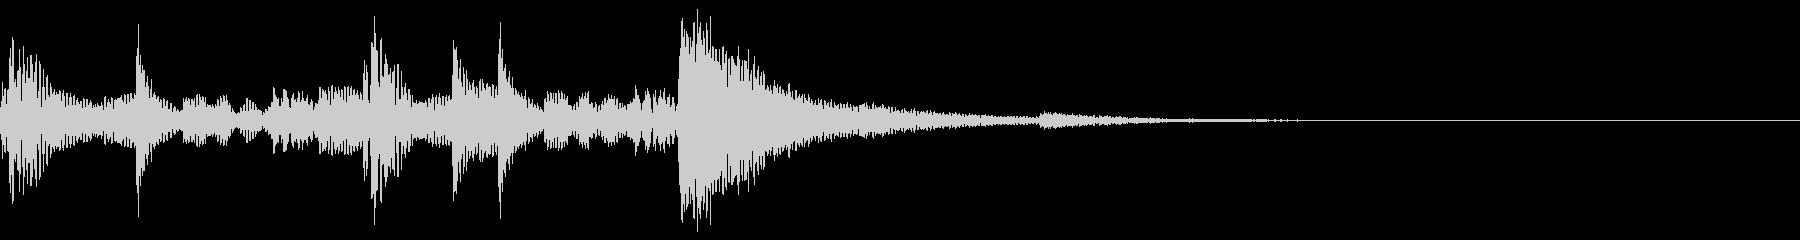 場面転換 民族風 壺音 リズミカル 独特の未再生の波形